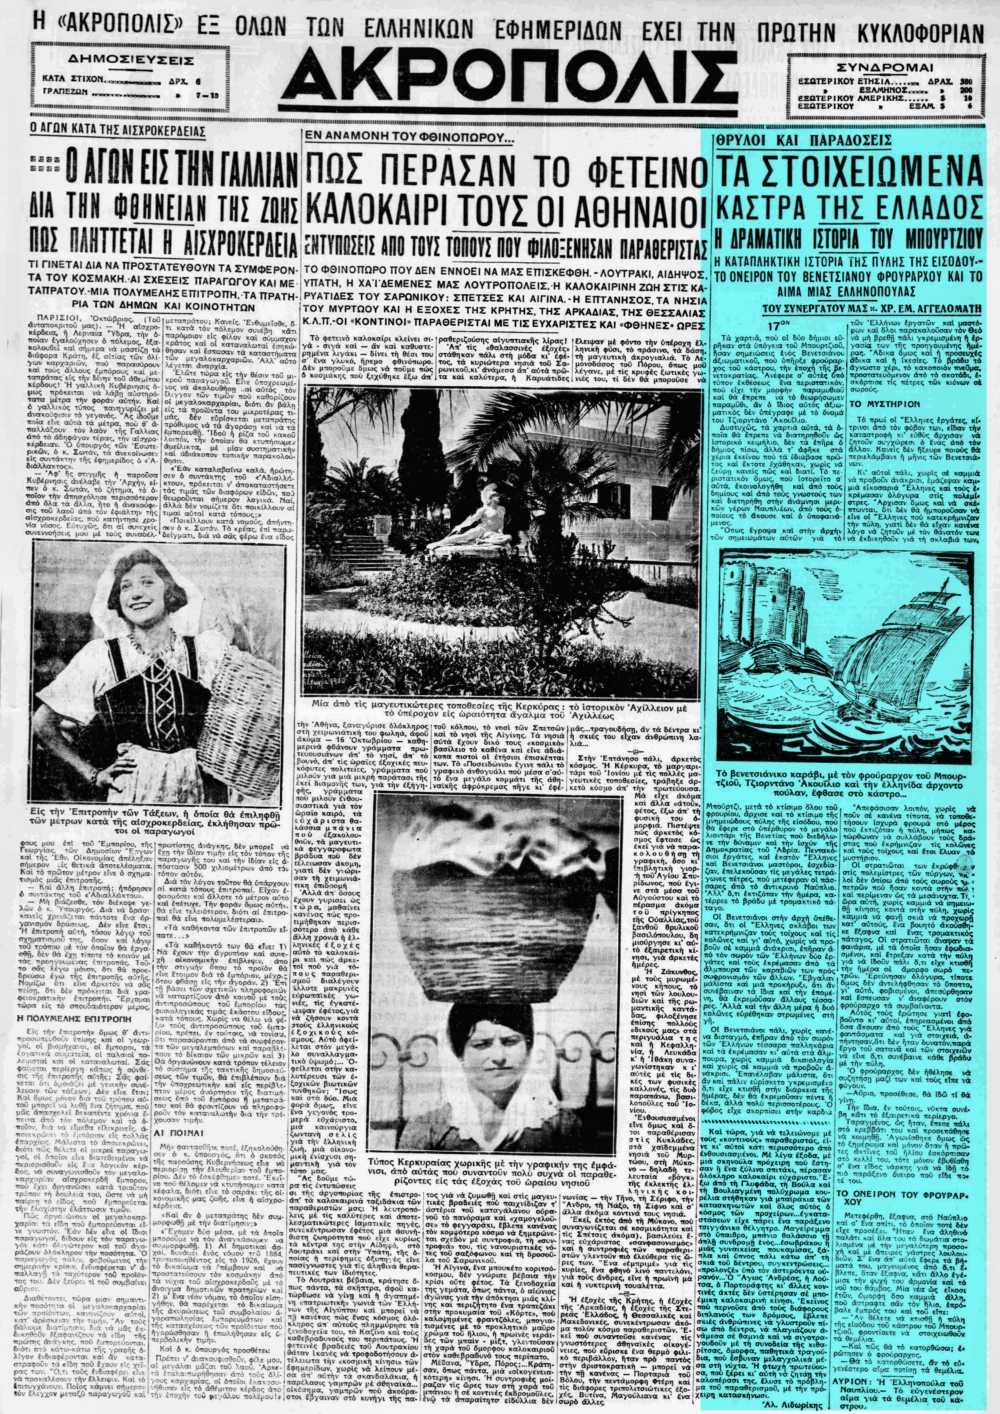 """Το άρθρο, όπως δημοσιεύθηκε στην εφημερίδα """"ΑΚΡΟΠΟΛΙΣ"""", στις 16/10/1932"""